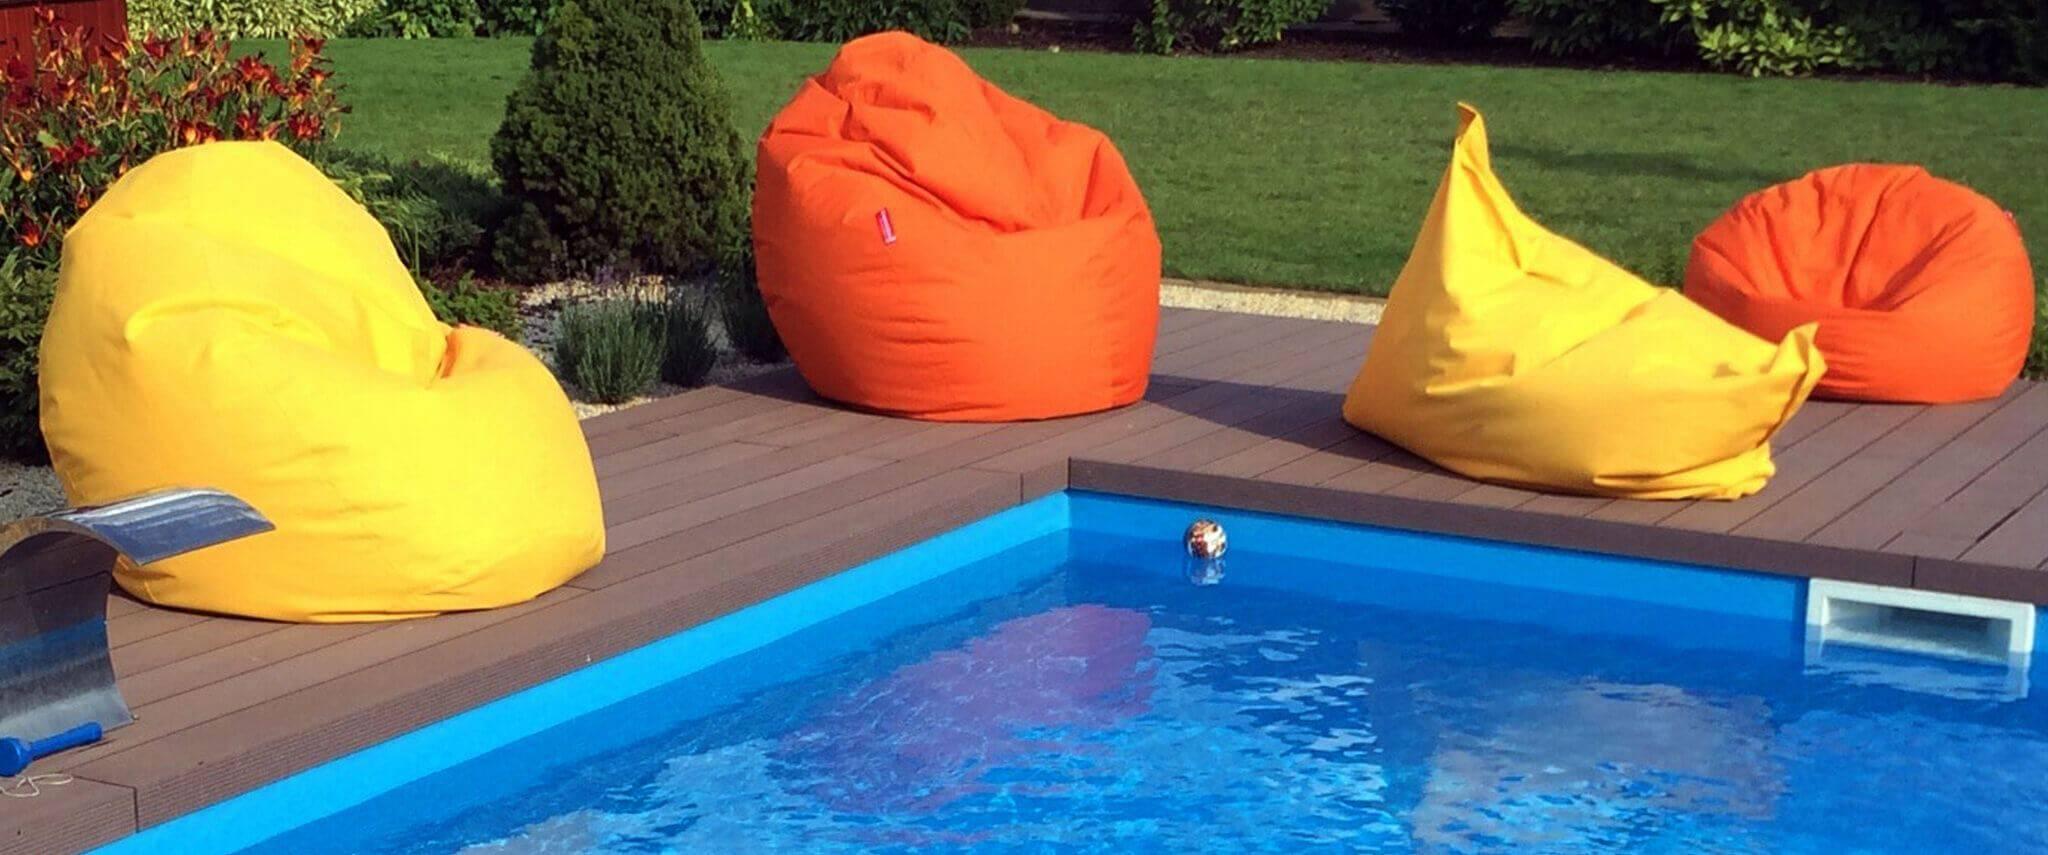 Kültéri babzsákfotelek a medence partján - Élvezd a friss levegőtbabzsákfotelben!